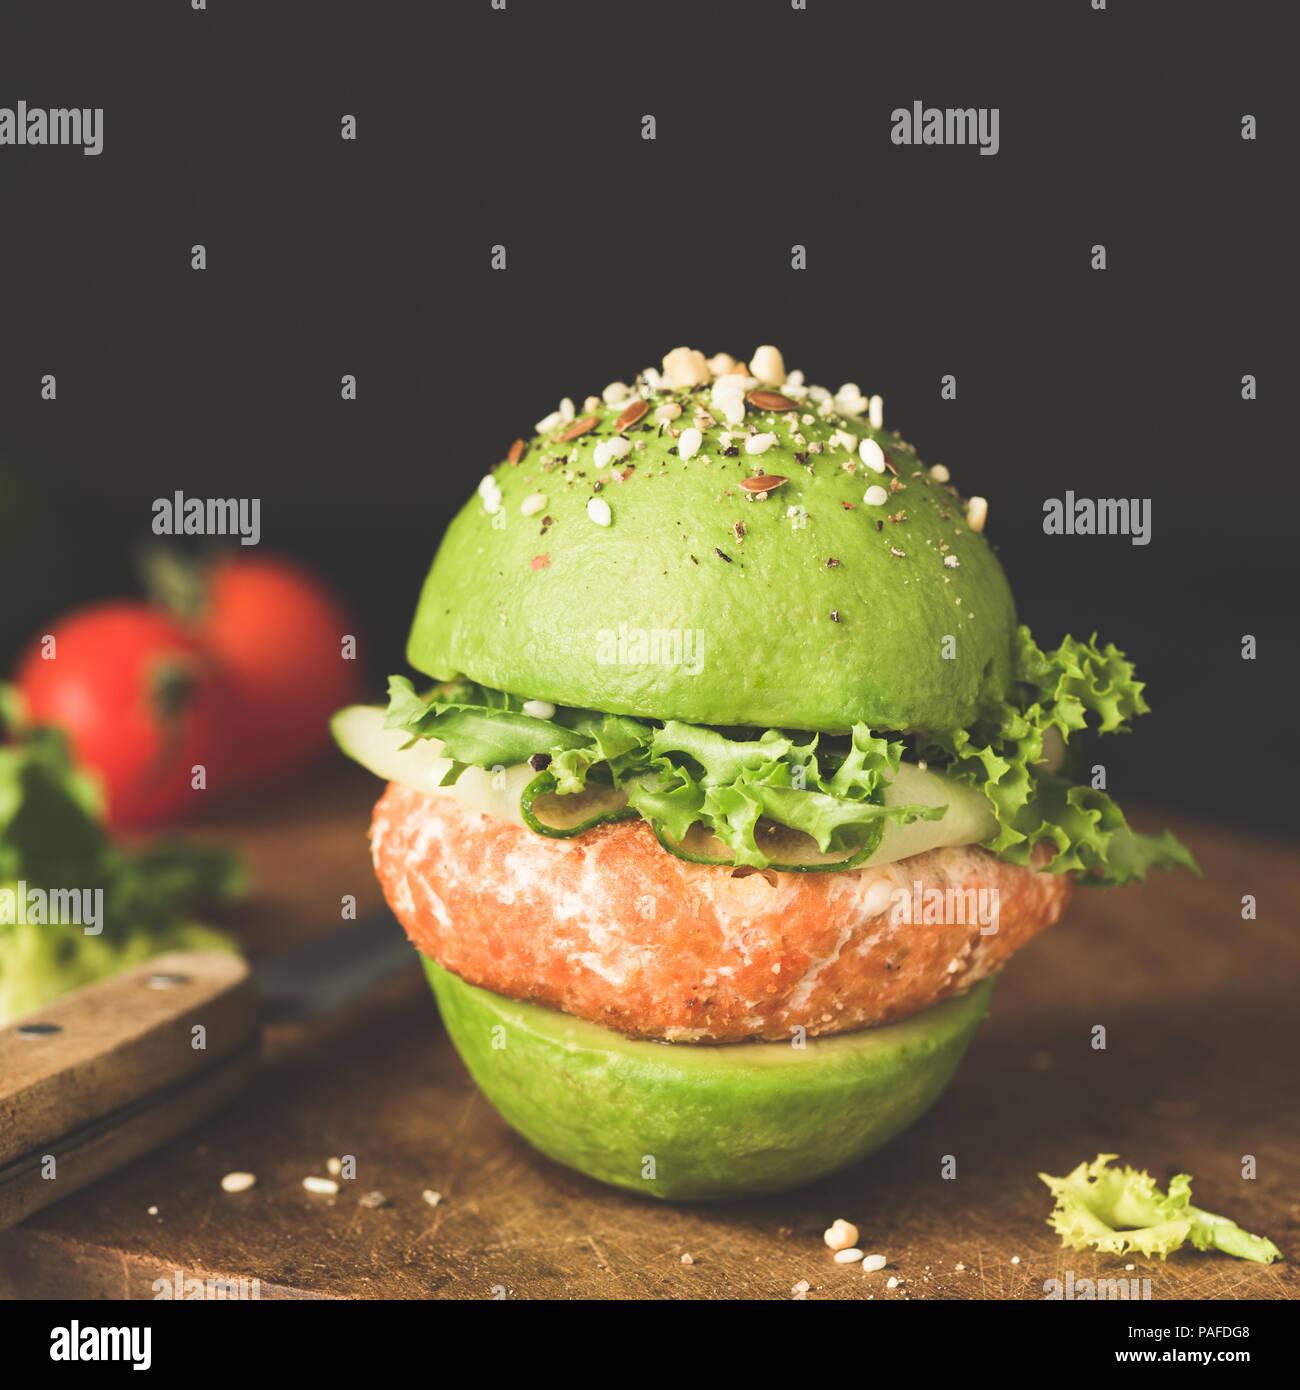 Avocado Burger, vegane oder vegetarische Burger mit Linsen Pastetchen. Detailansicht, getönten Bild Stockbild